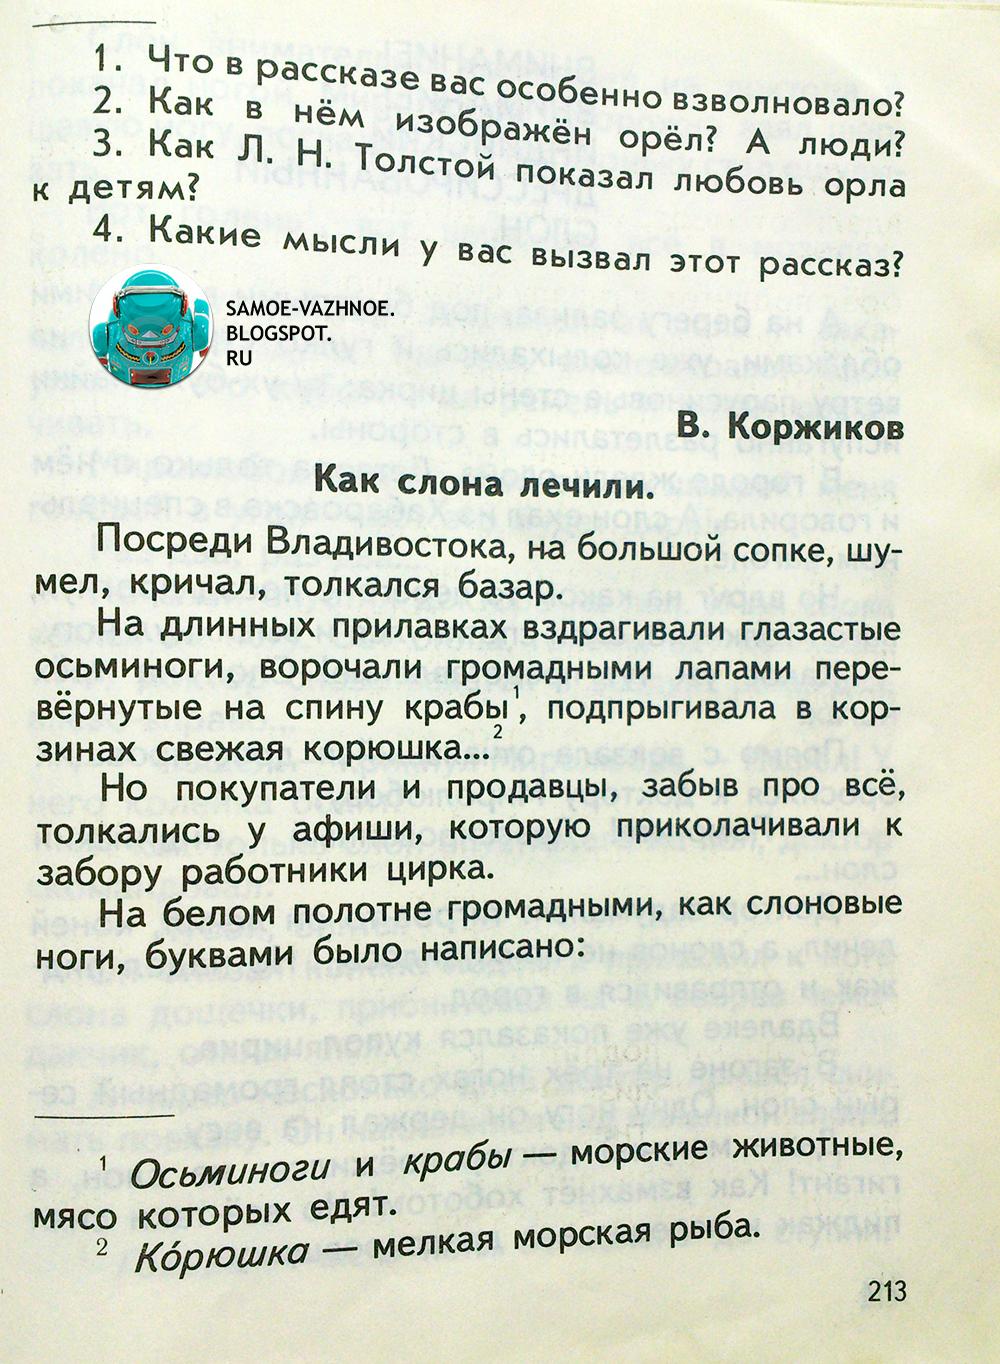 Жёлтый учебник чтение старый. Жёлтый учебник родная речь 90е